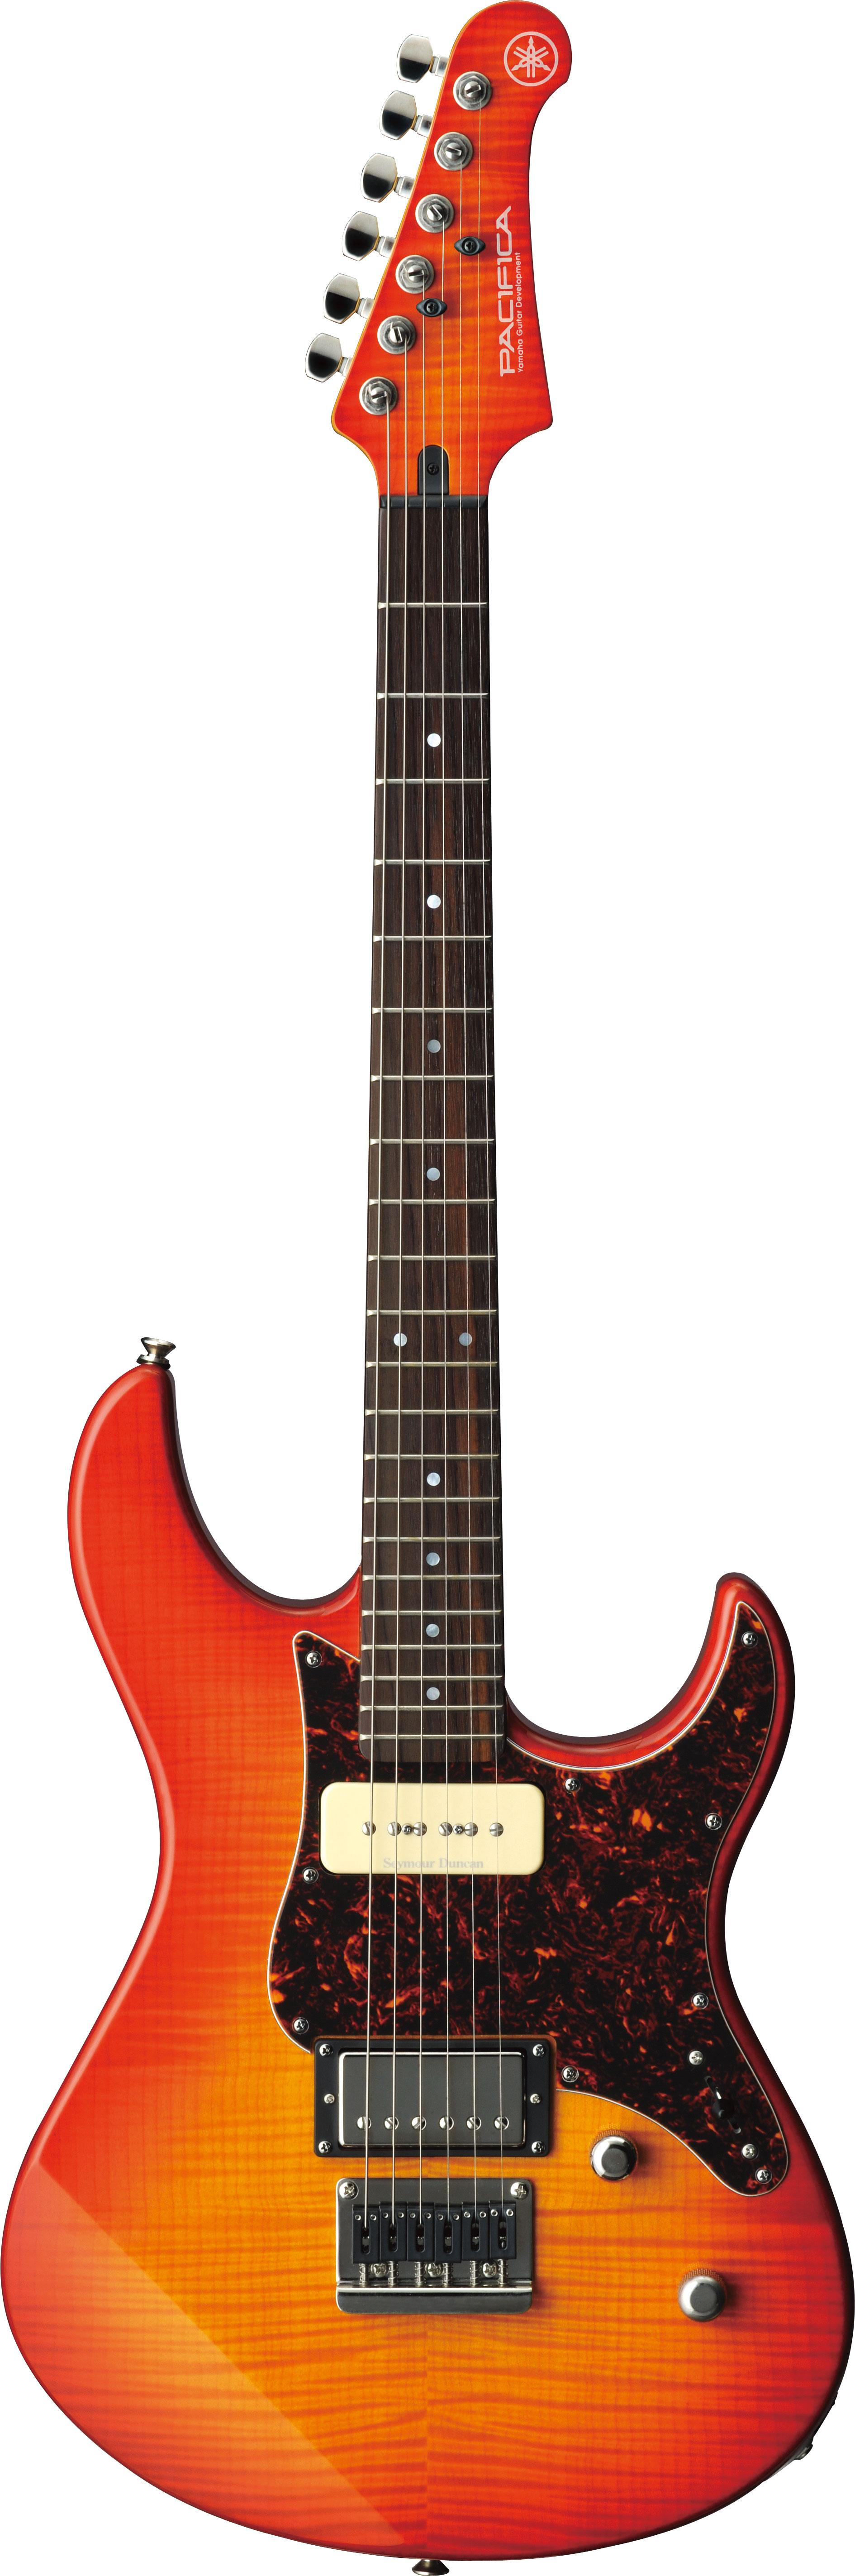 กีตาร์ไฟฟ้า (Electric Guitars) YAMAHA PAC611HFM